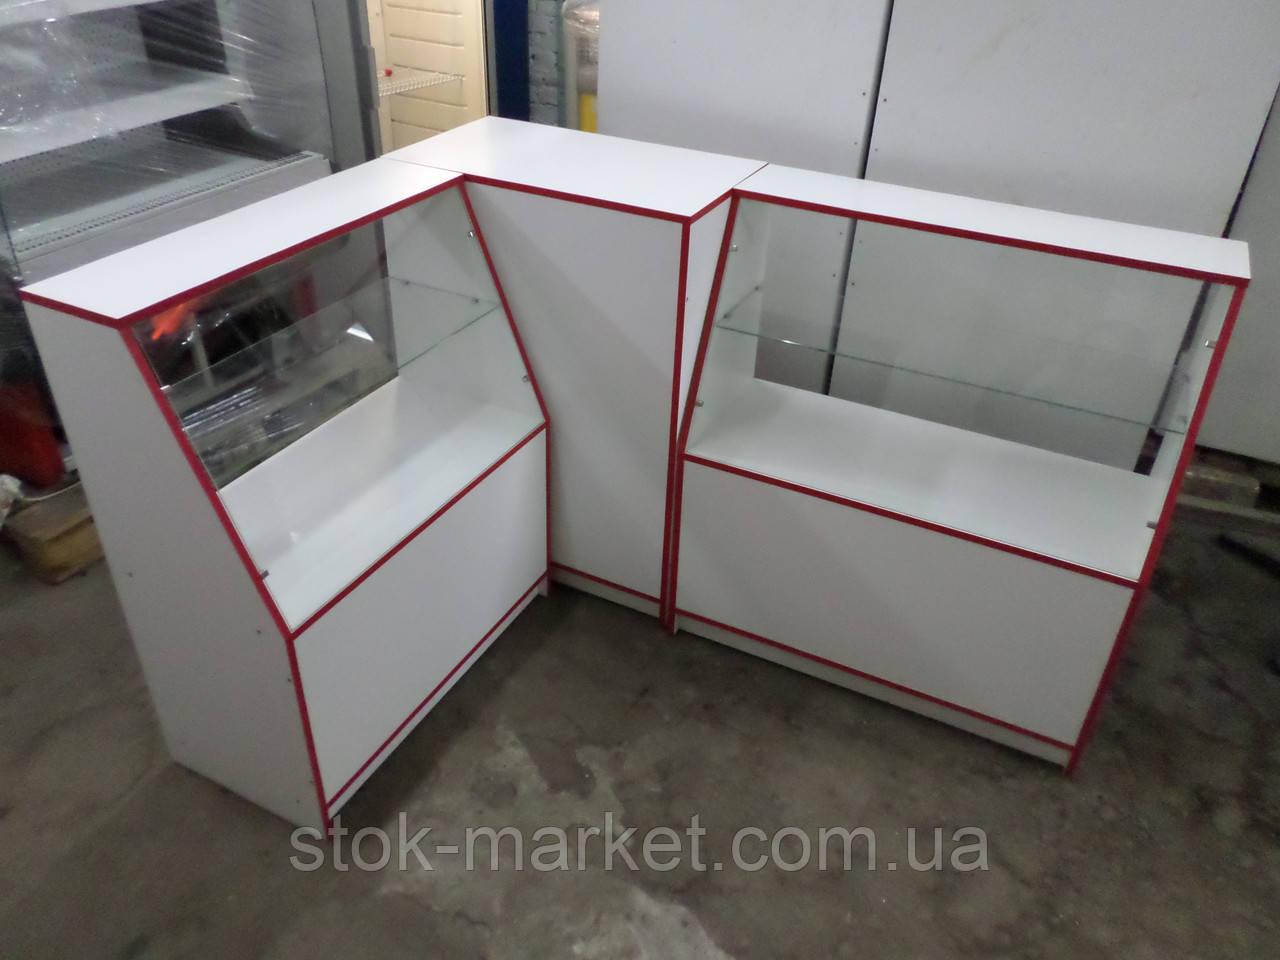 Прилавки ДСП б/у, витрины ДСП б/у, торговые витрины, торговые прилавки, витрина под стеклом, торговое место, в